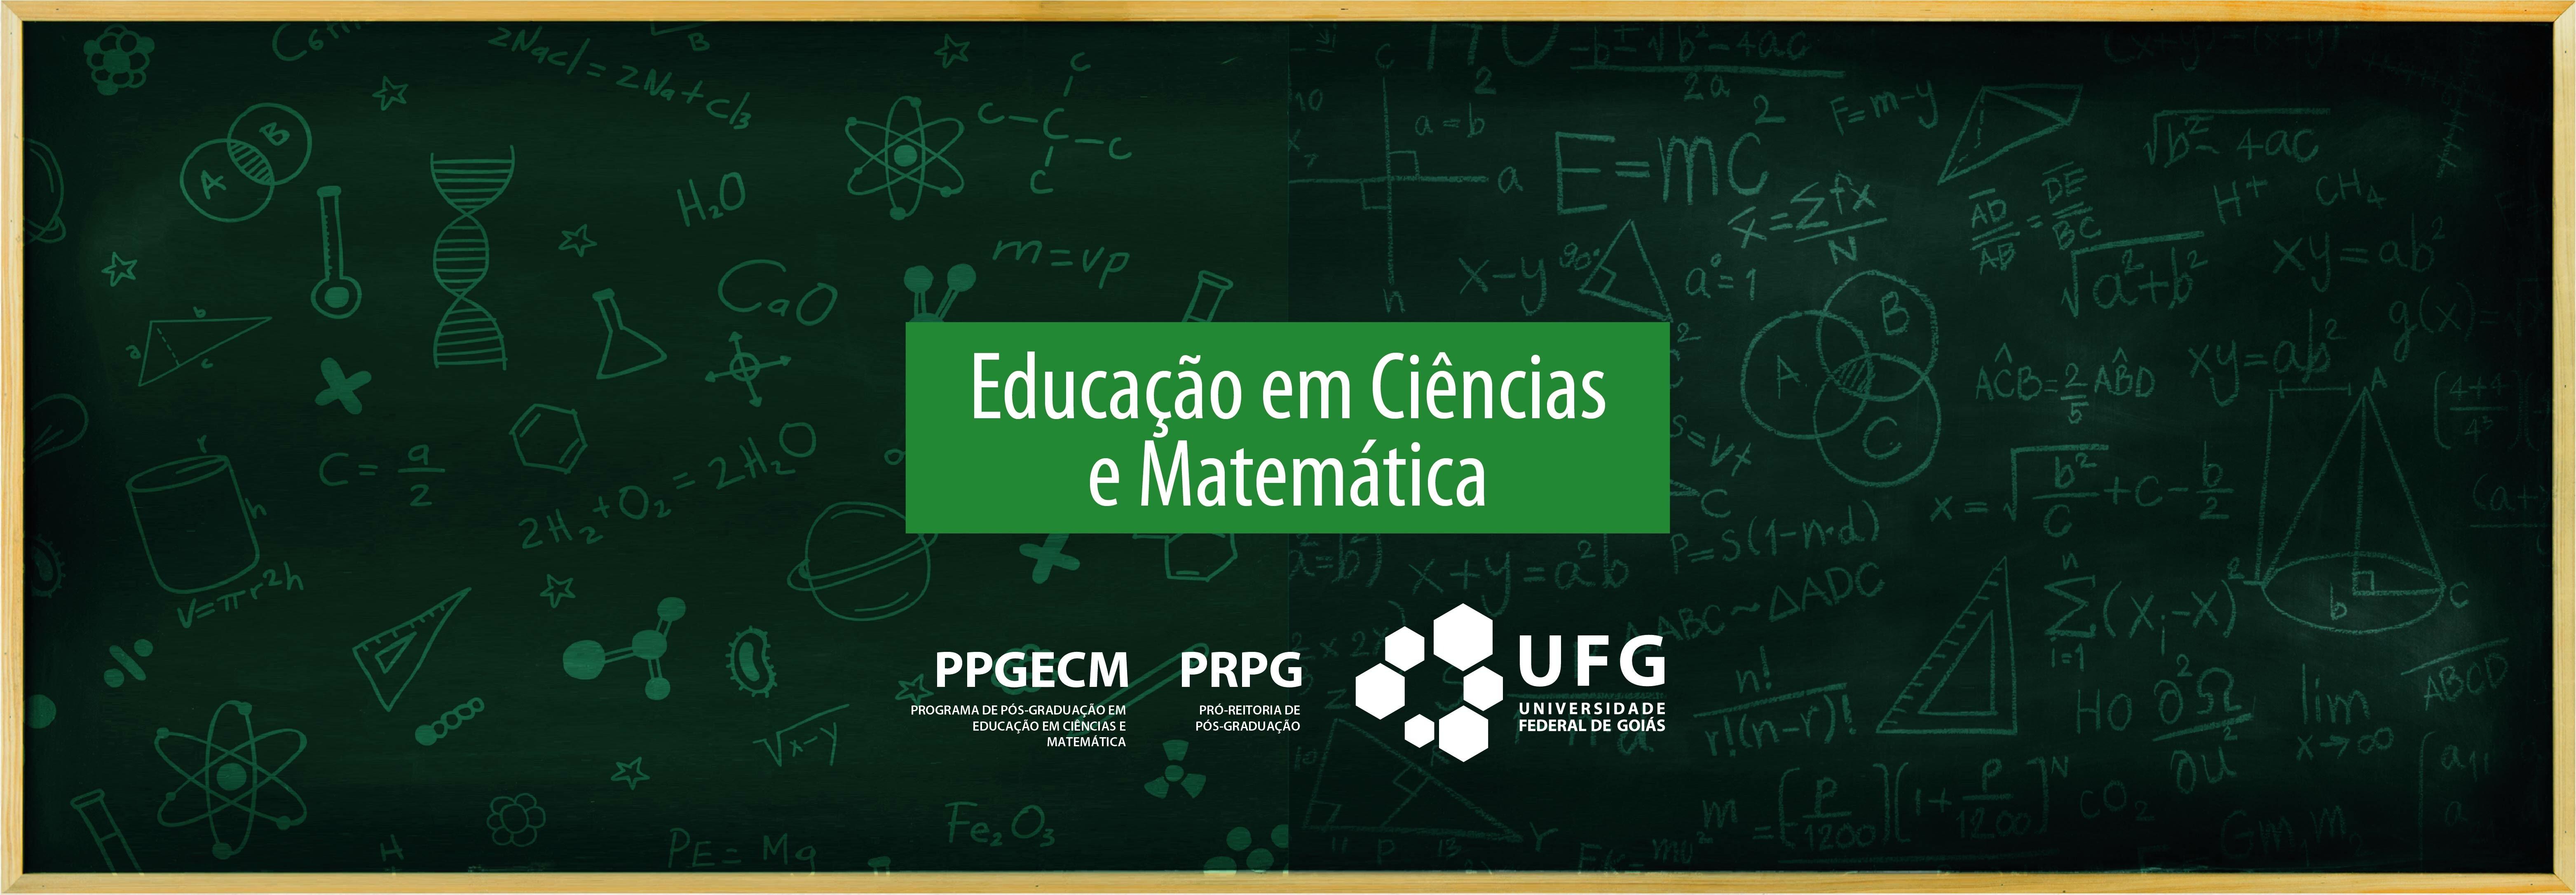 S21-ICBIME-_09_PPGECM_-_Programa_de_Pós-Graduação_em_Educação_em_Ciências_e_Matemática_FInal.jpg